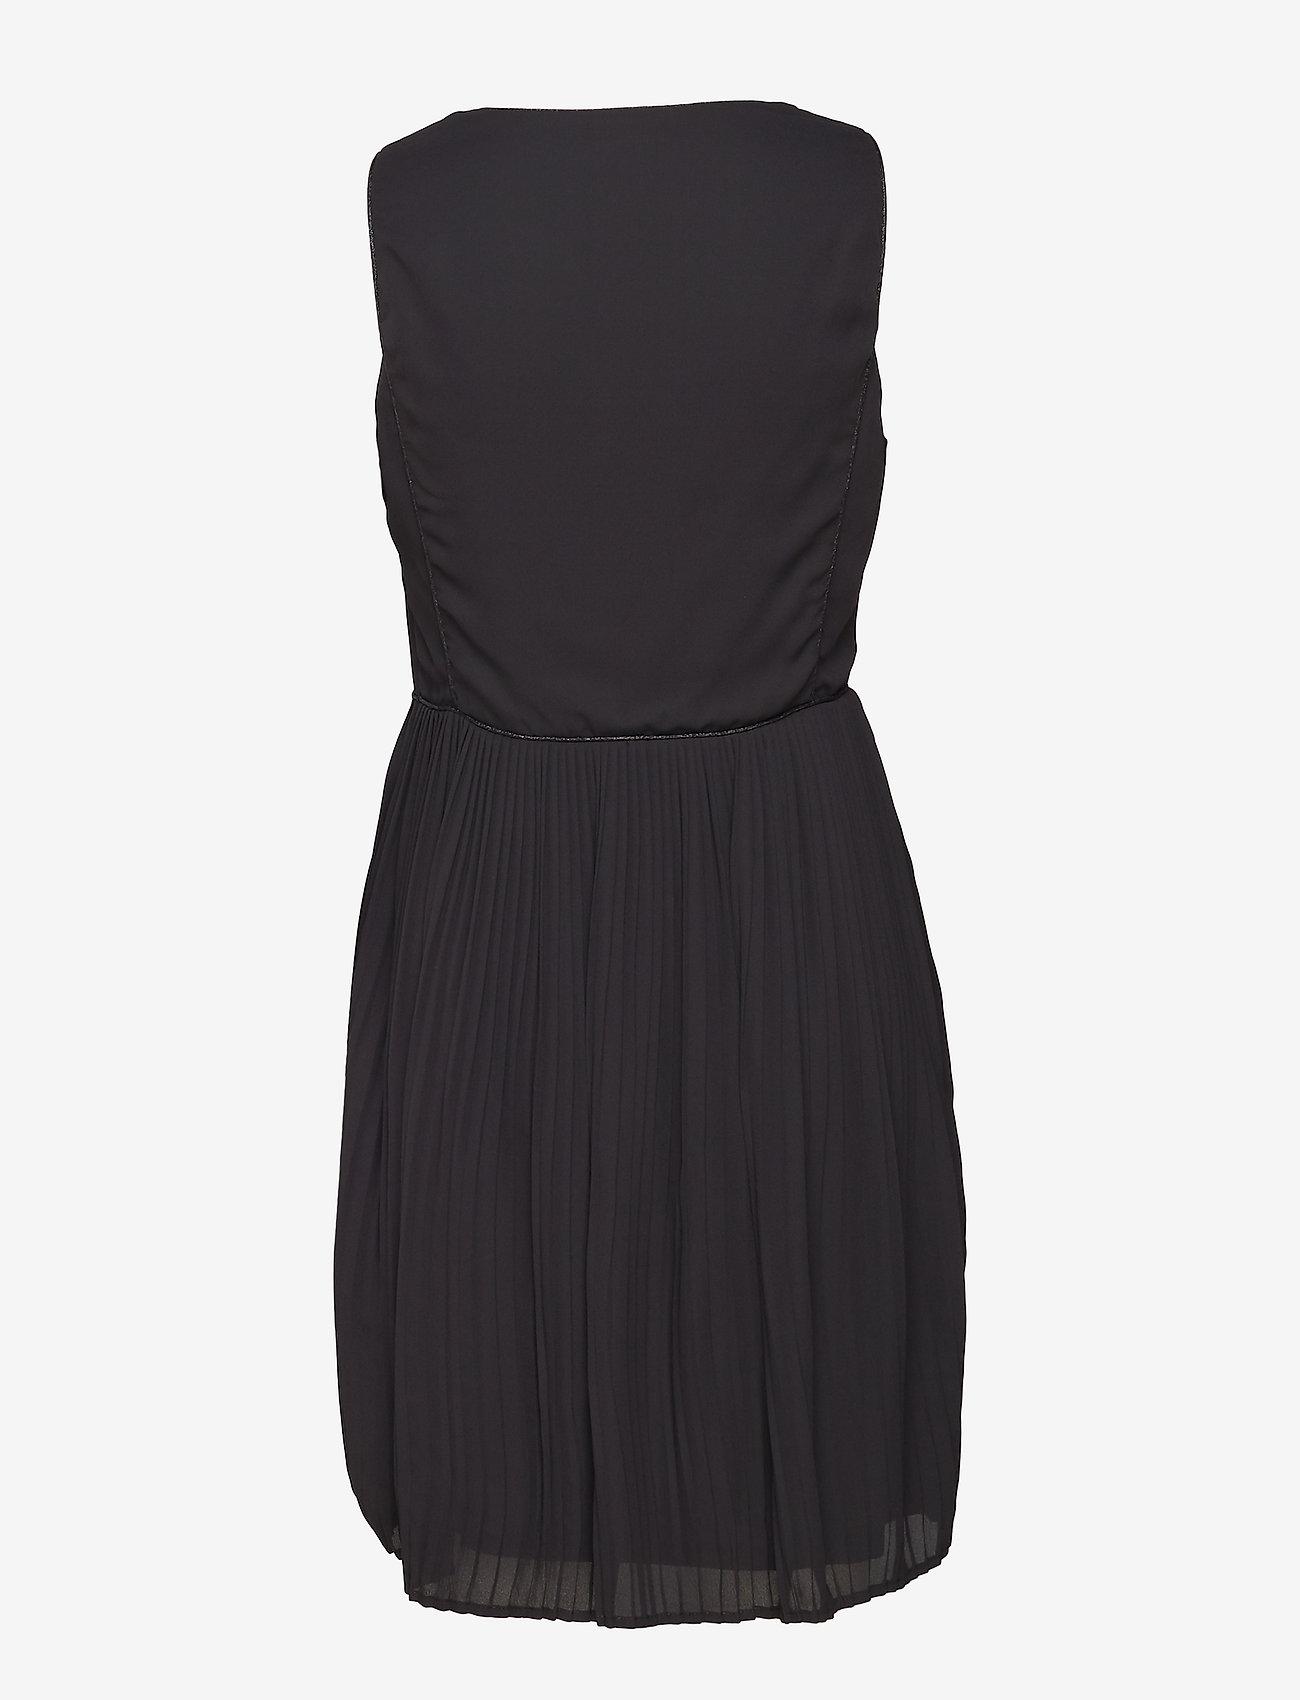 Vila - VILILLA S/L DRESS - midi dresses - black - 1